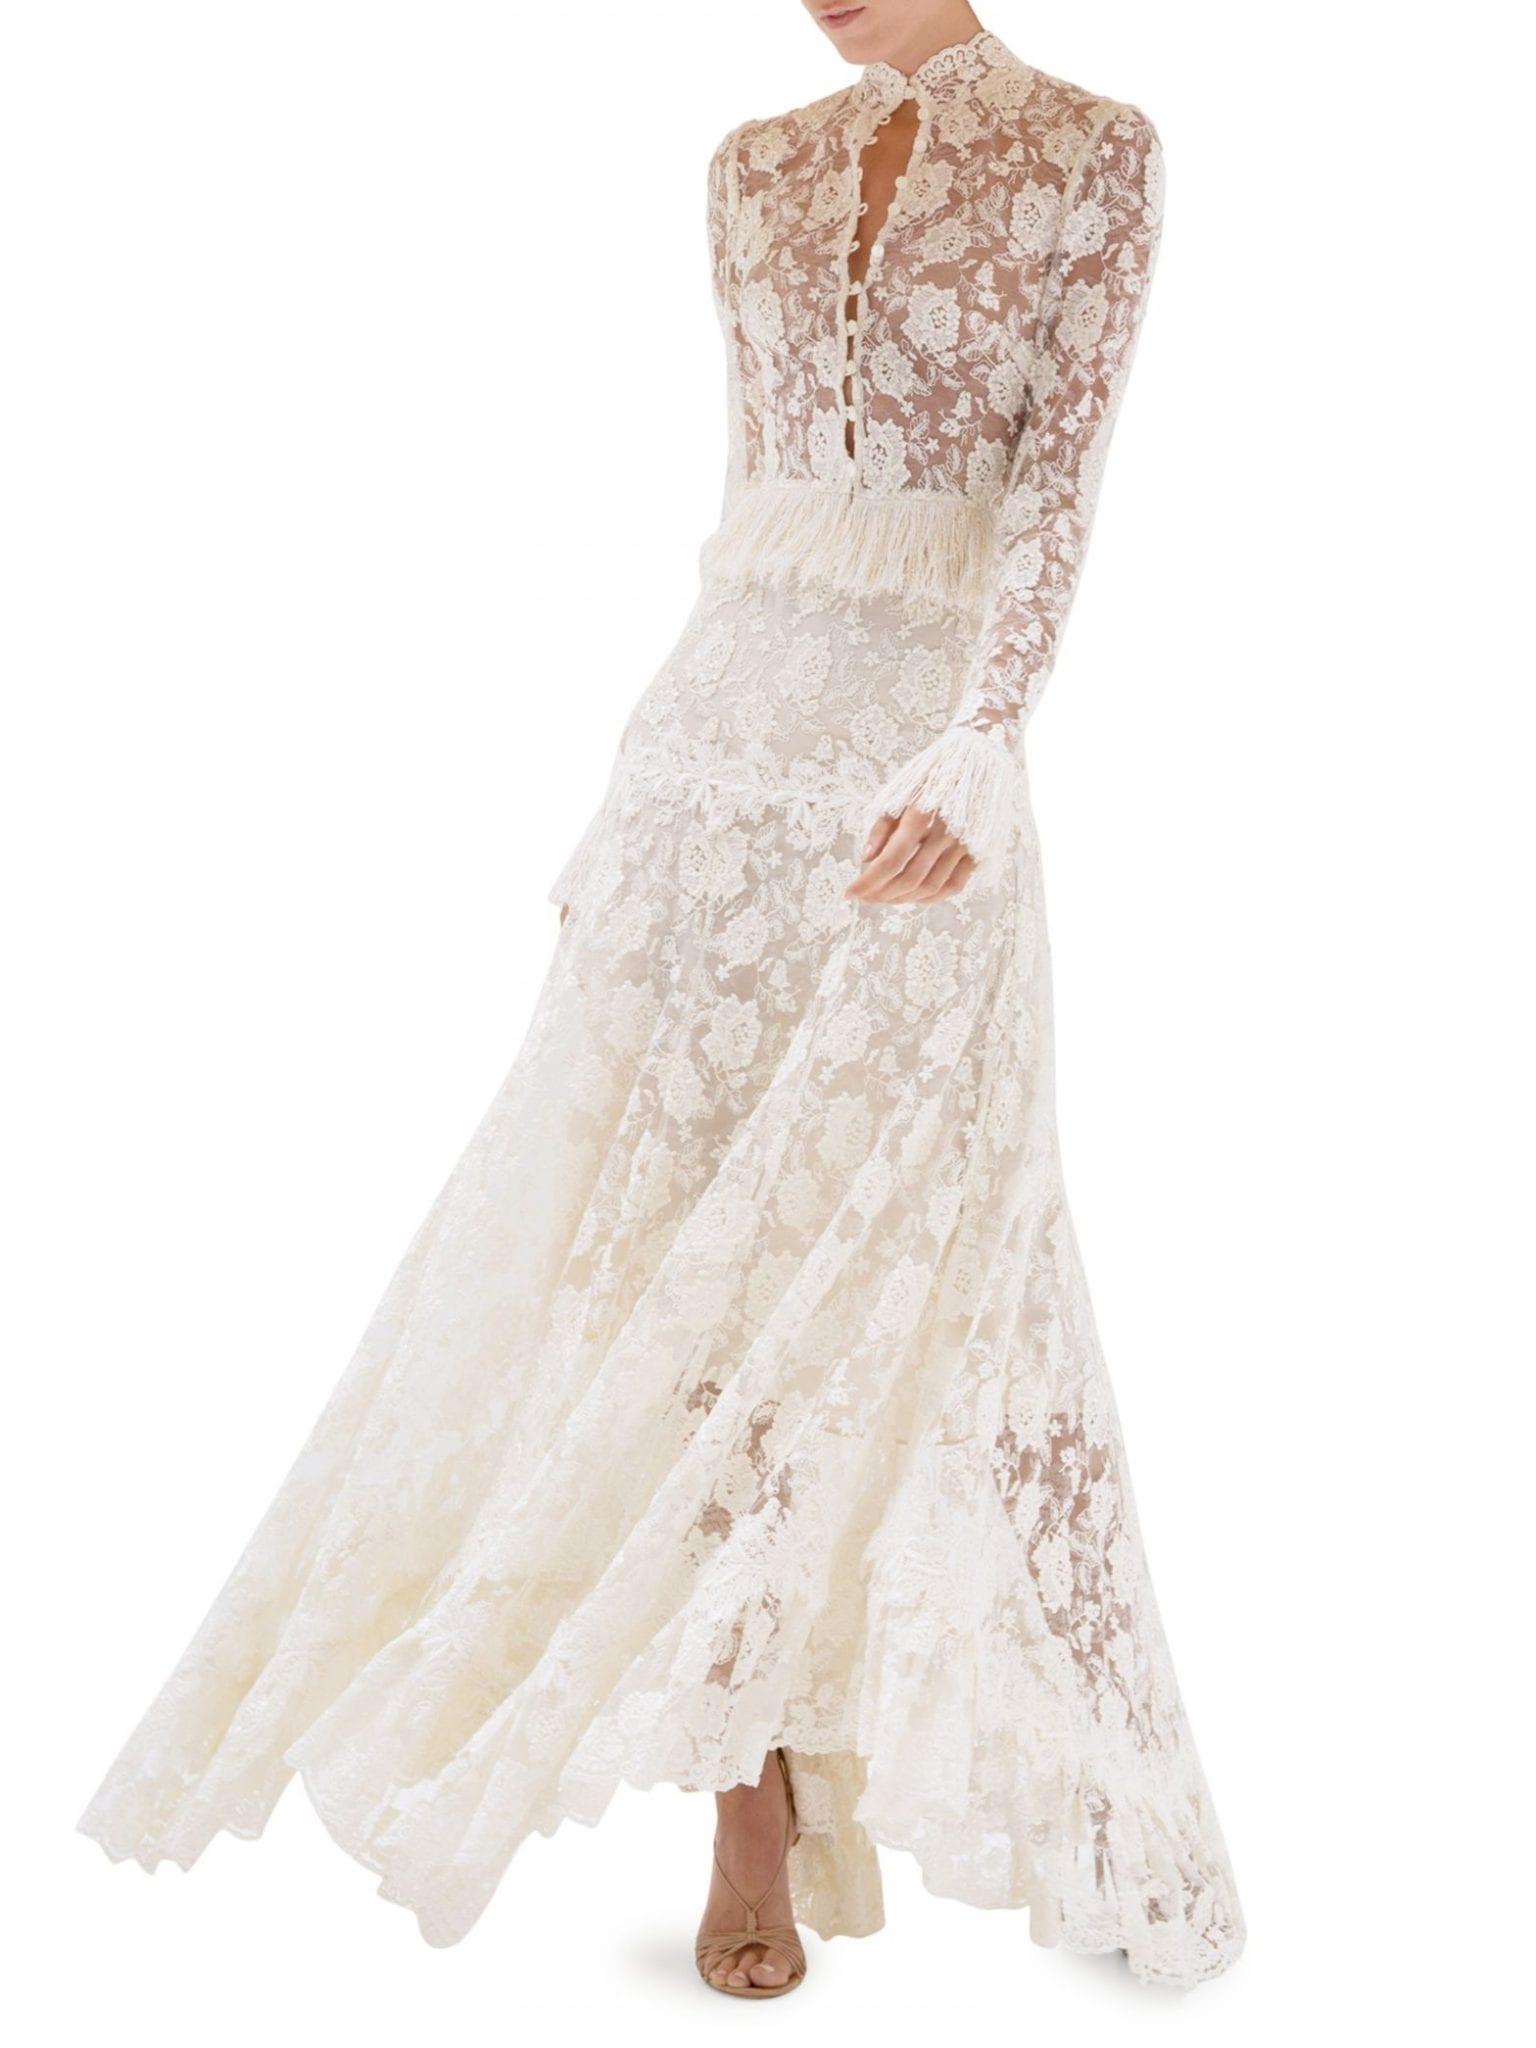 ALEXIS Percival Fringe Trim Lace Top Dress